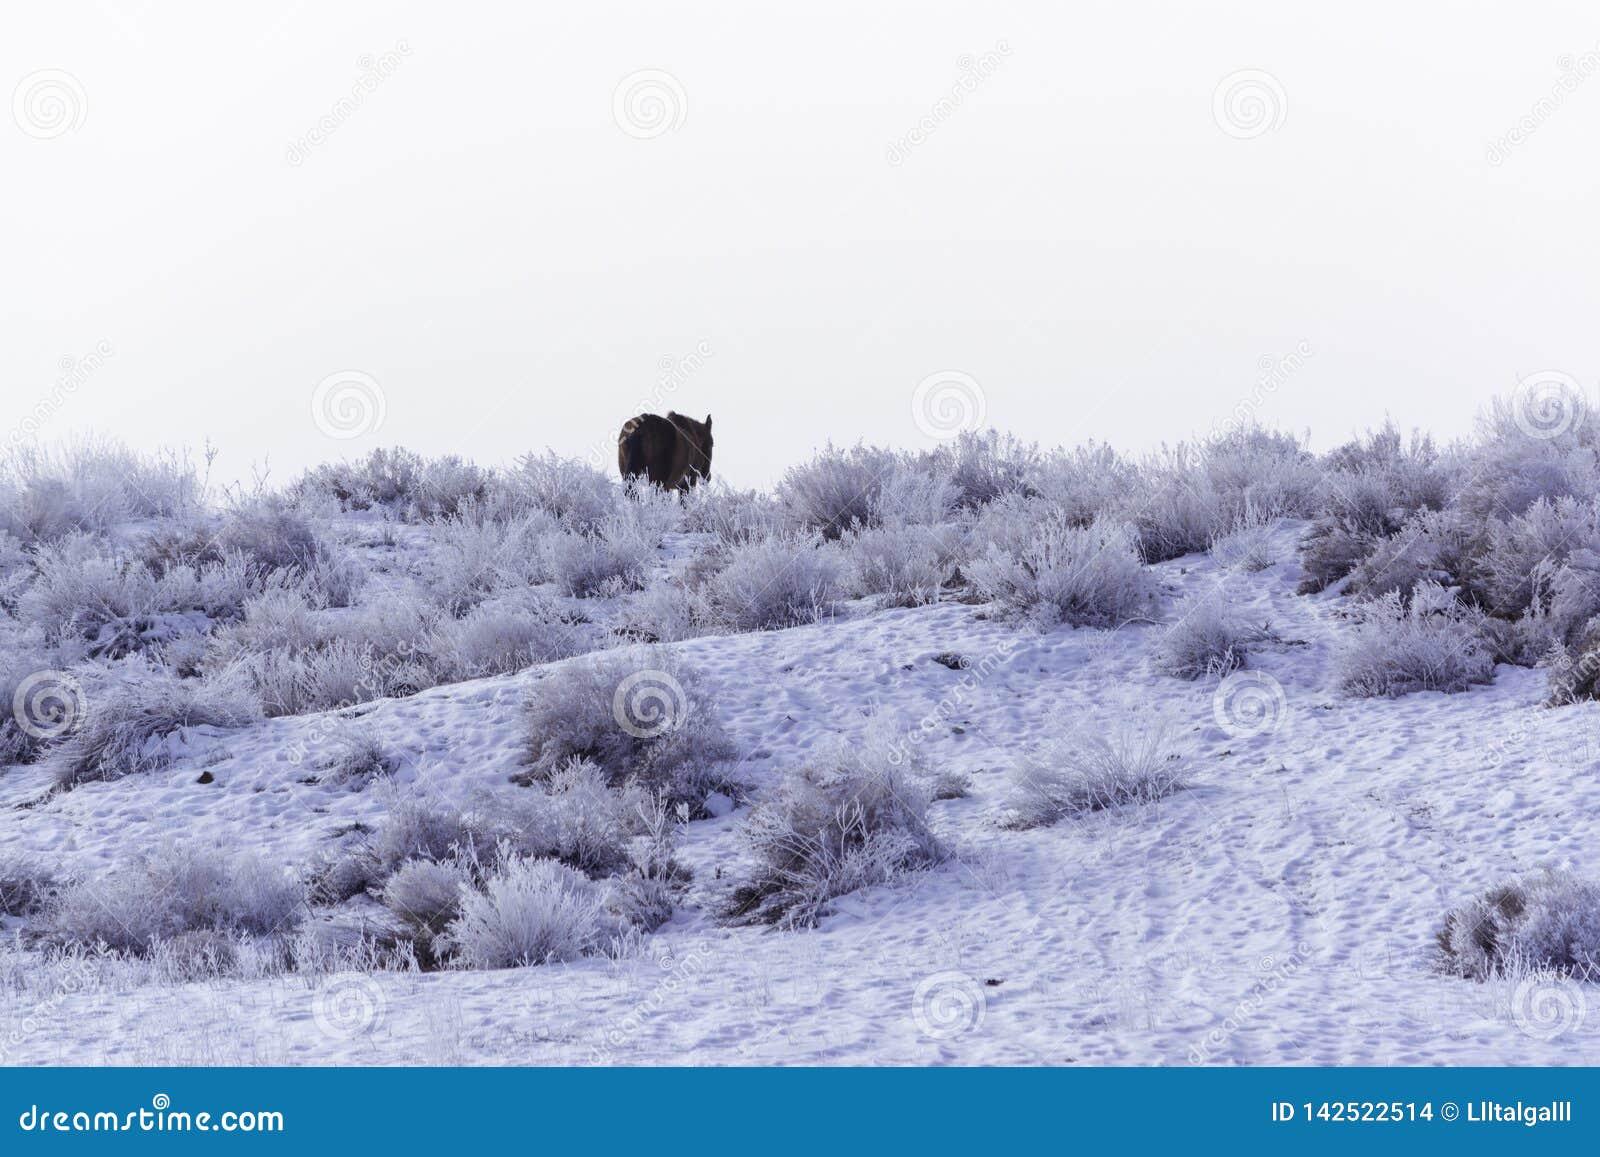 Wintering Pferd, das allein weiden lässt Wüstengebiet bei Balkhash Winterlandschaft nahe dem See Balkhash